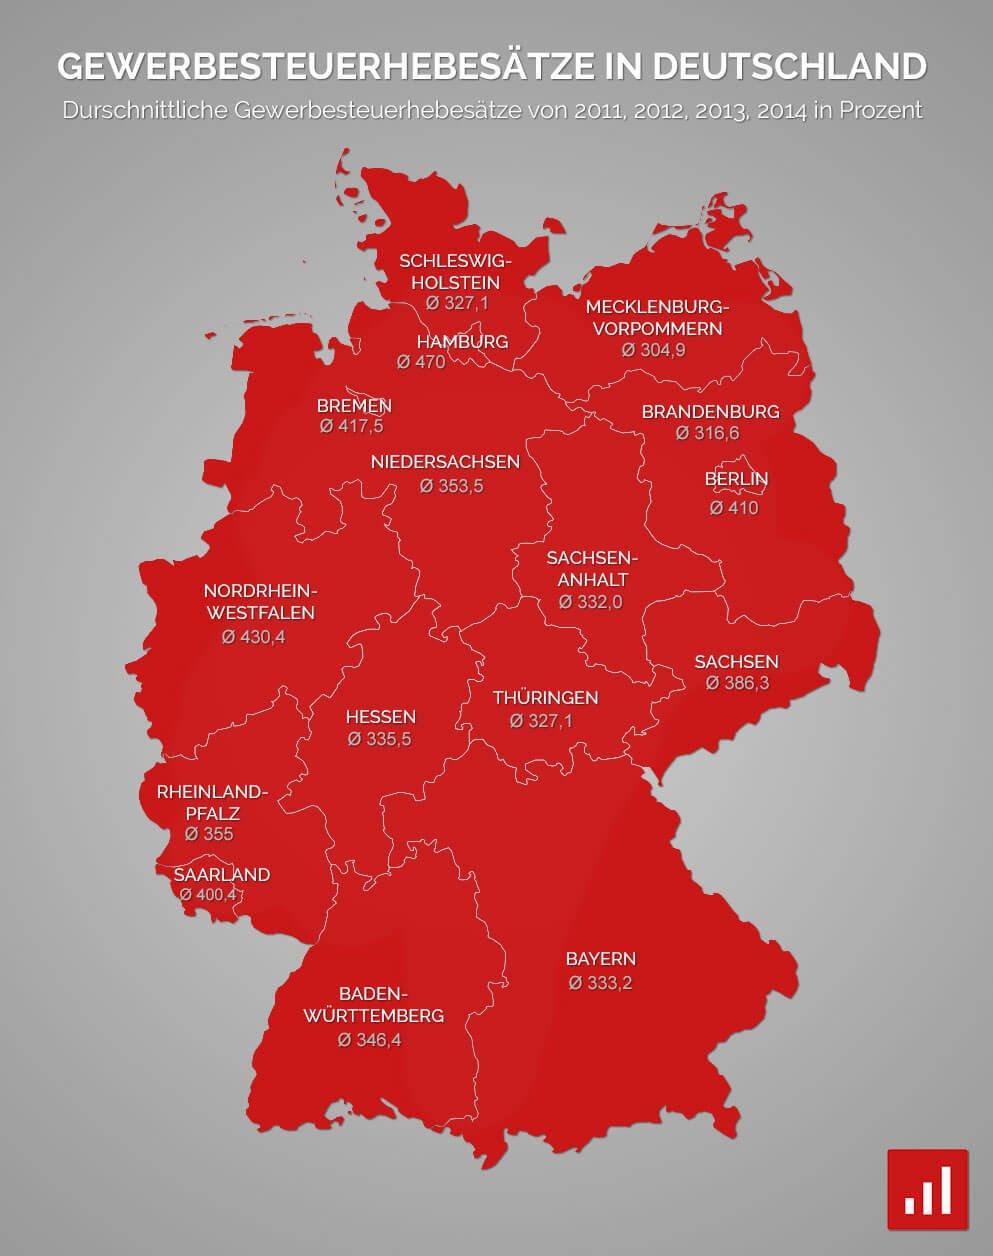 Gewerbesteuer in Deutschland nach Bundesland